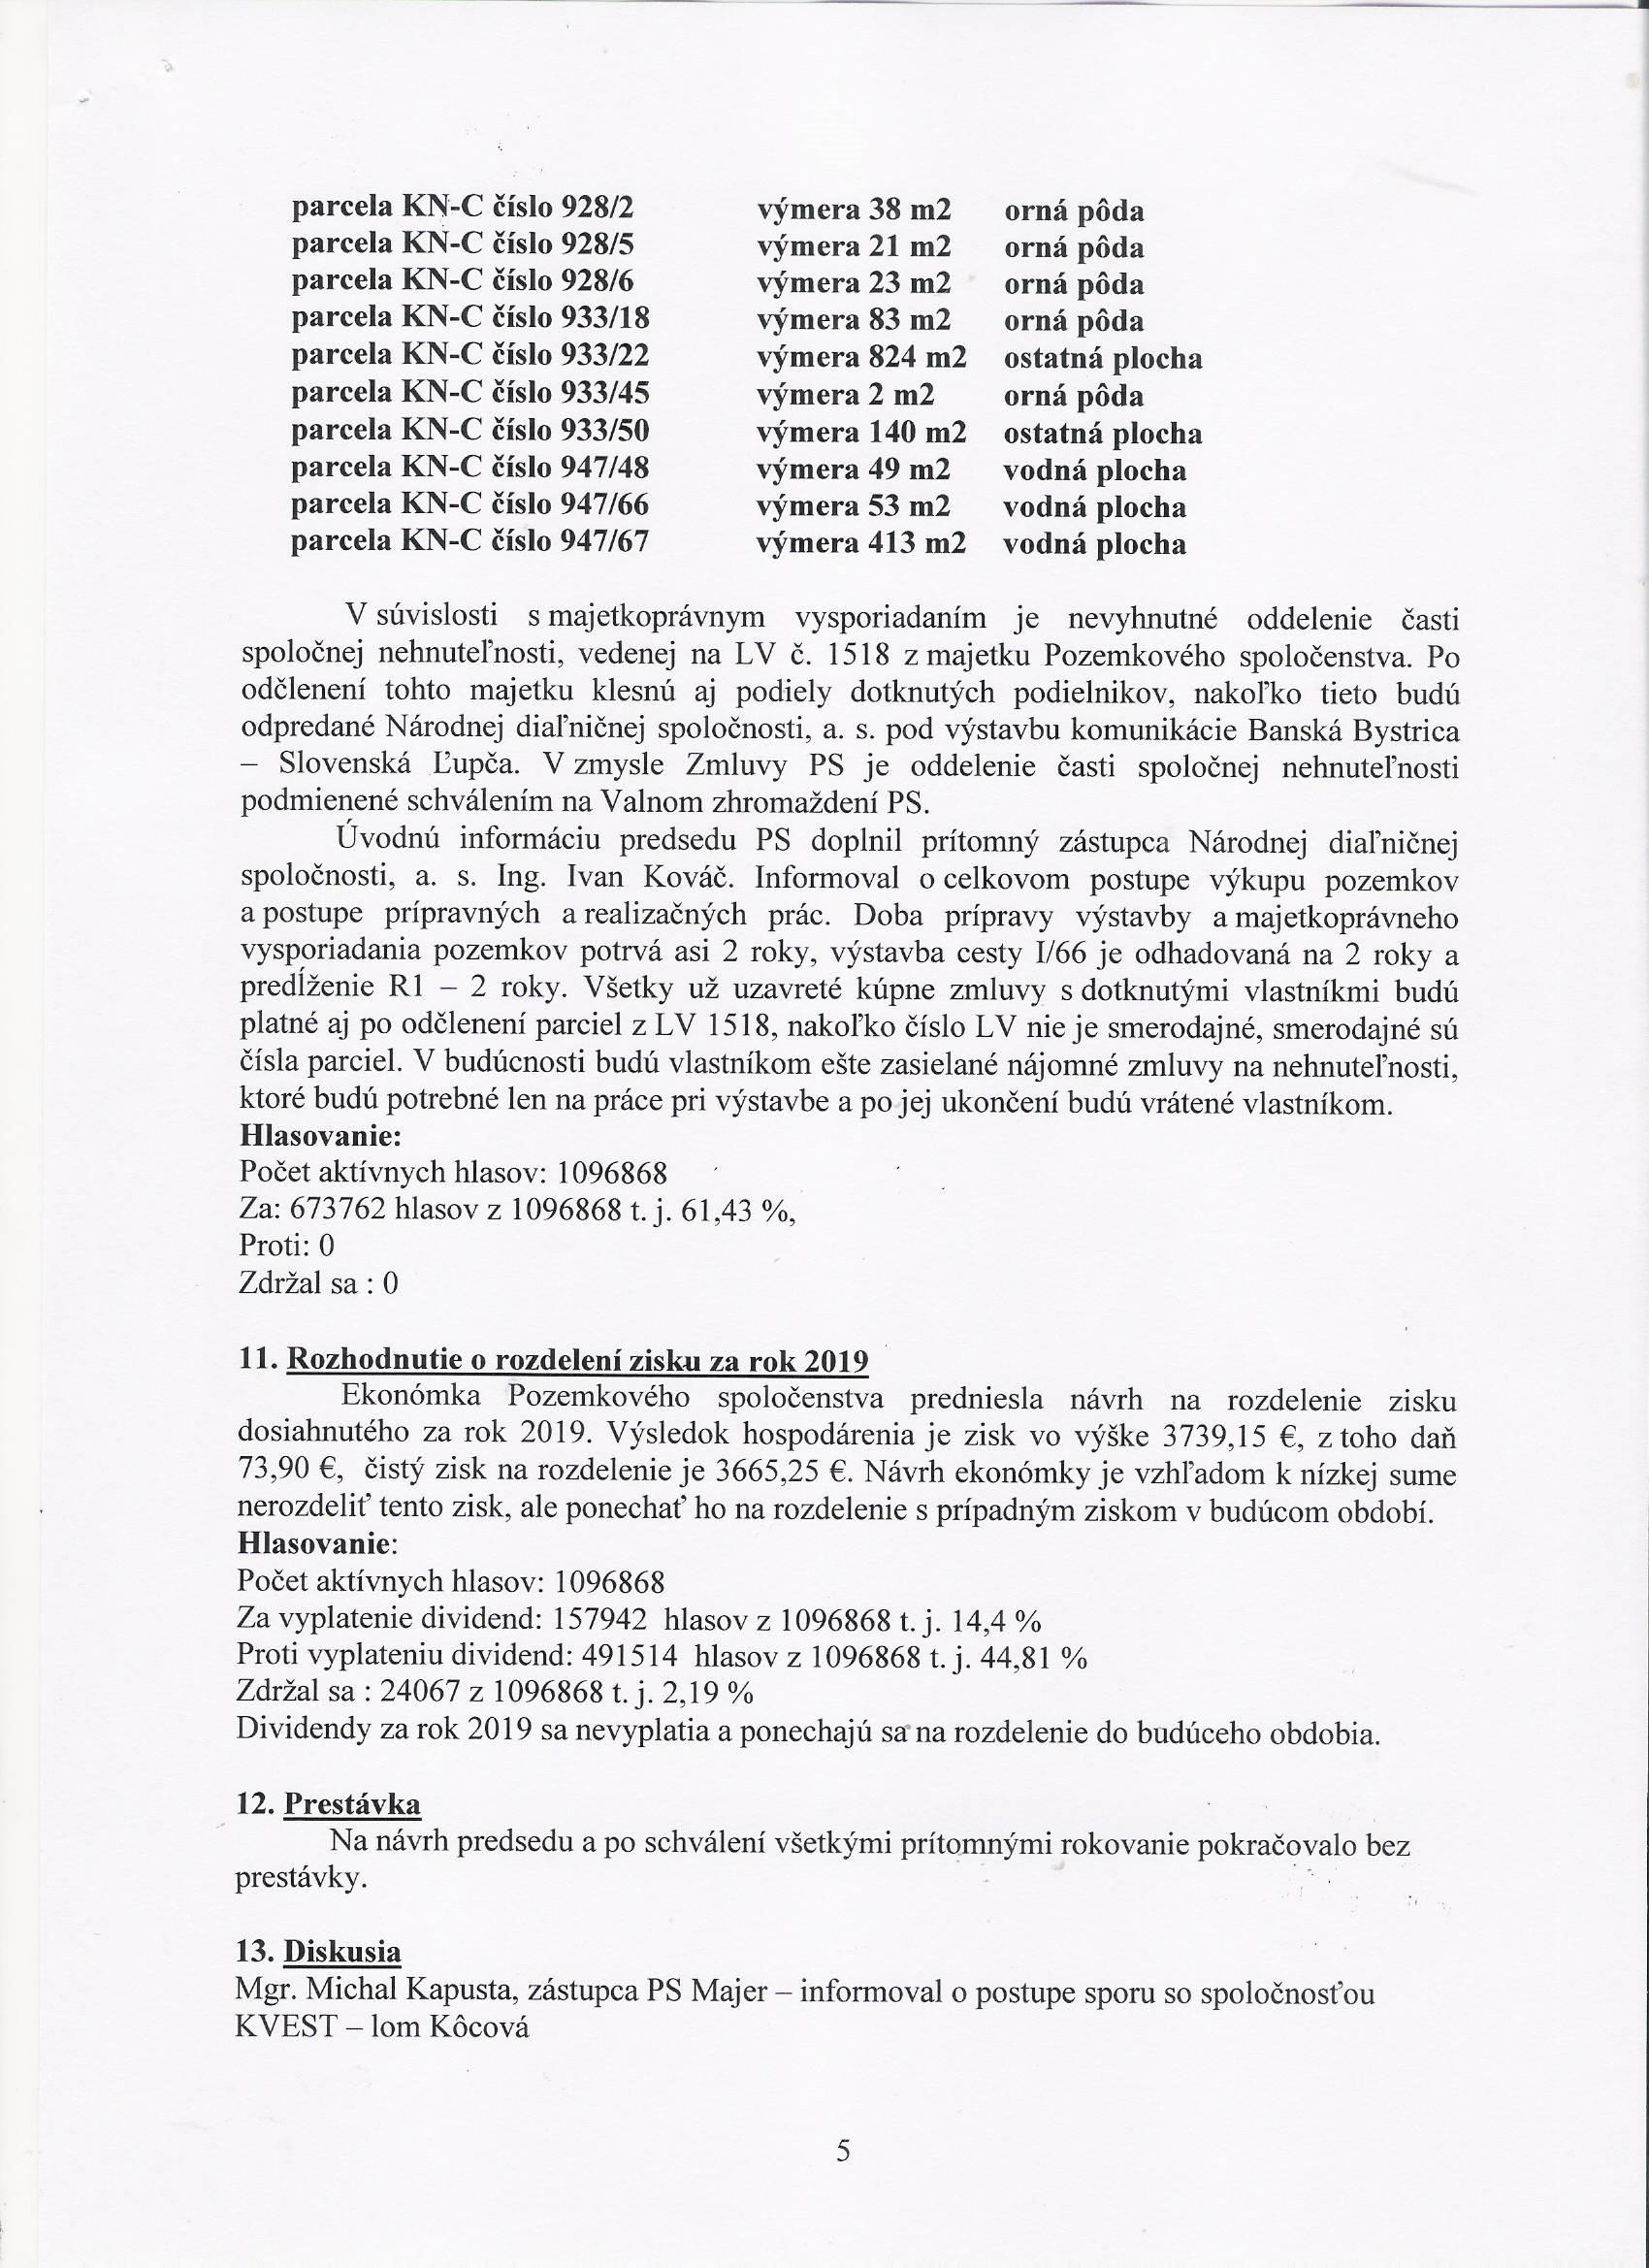 Scan - Zápisnica z VZ 18.7.2020 - strana č. 5